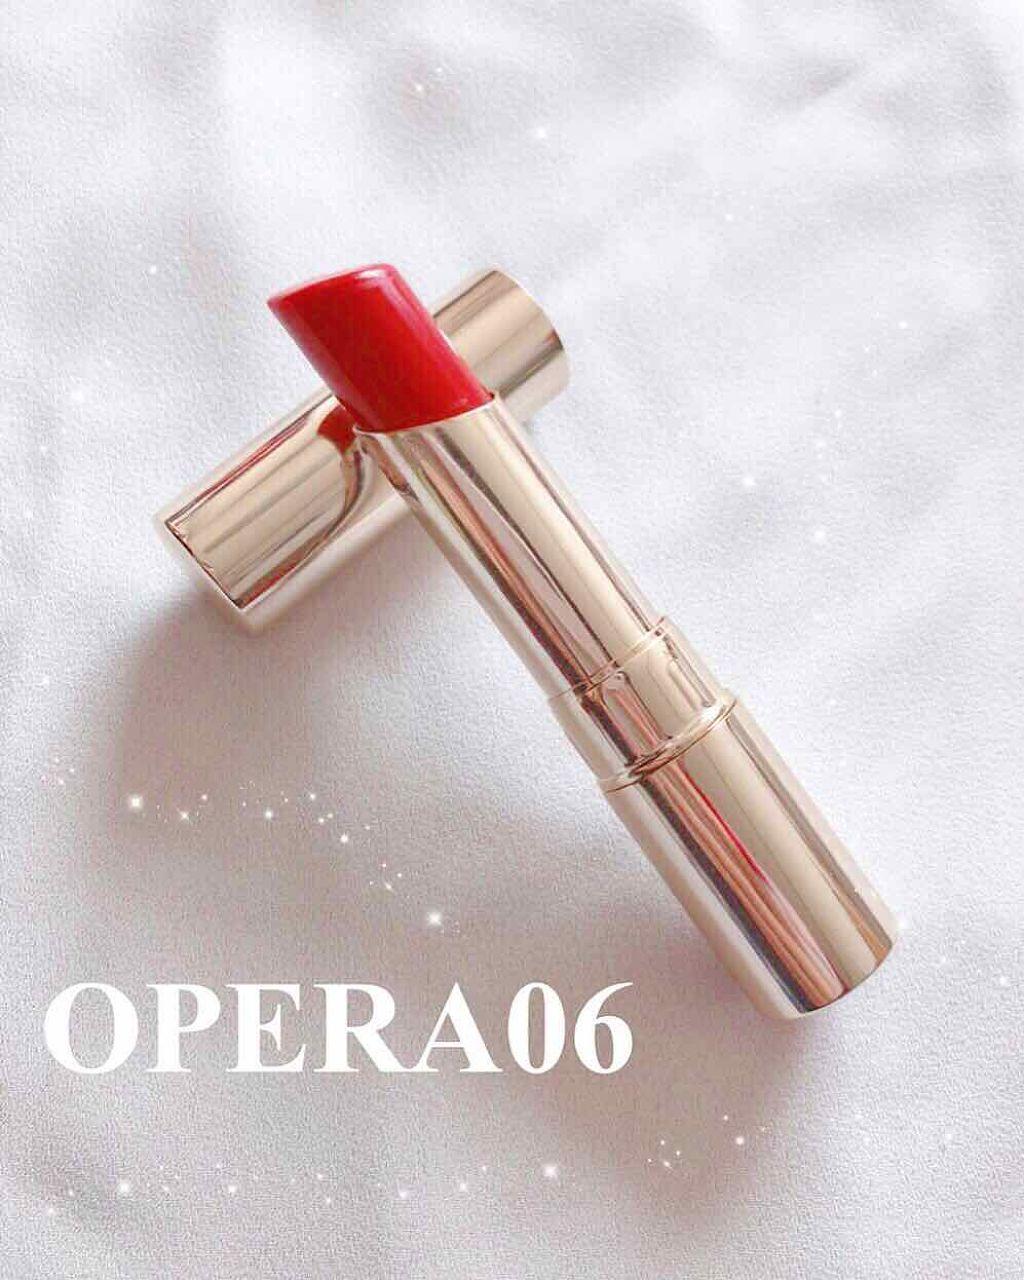 OPERAの06番ピンクレッドは恋が叶う色♡デートメイク初心者さん向け王道リップ